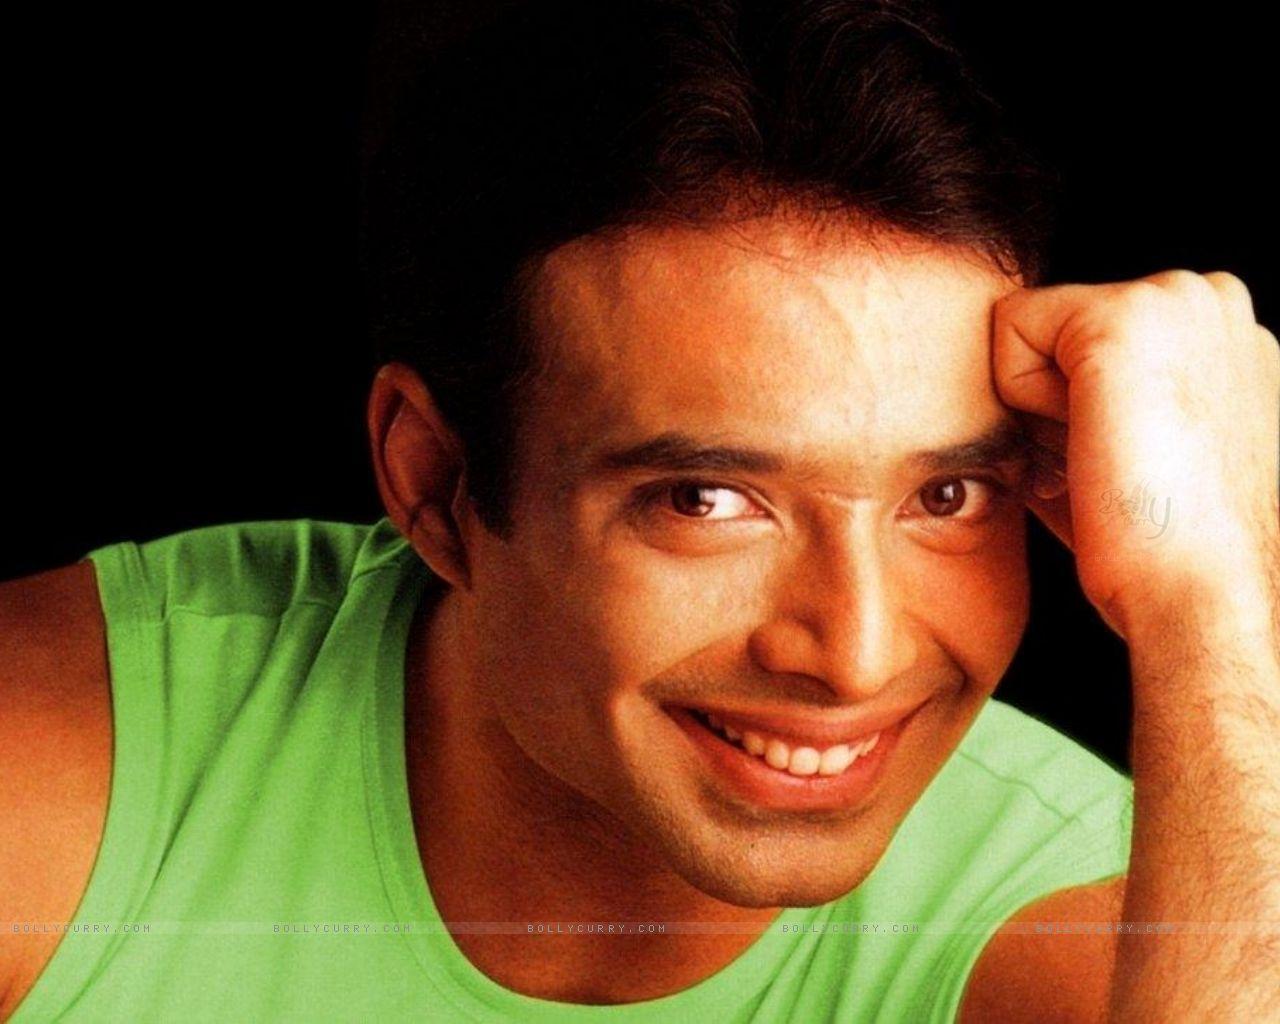 индийские актеры мужчины фото с именами старые кроткий